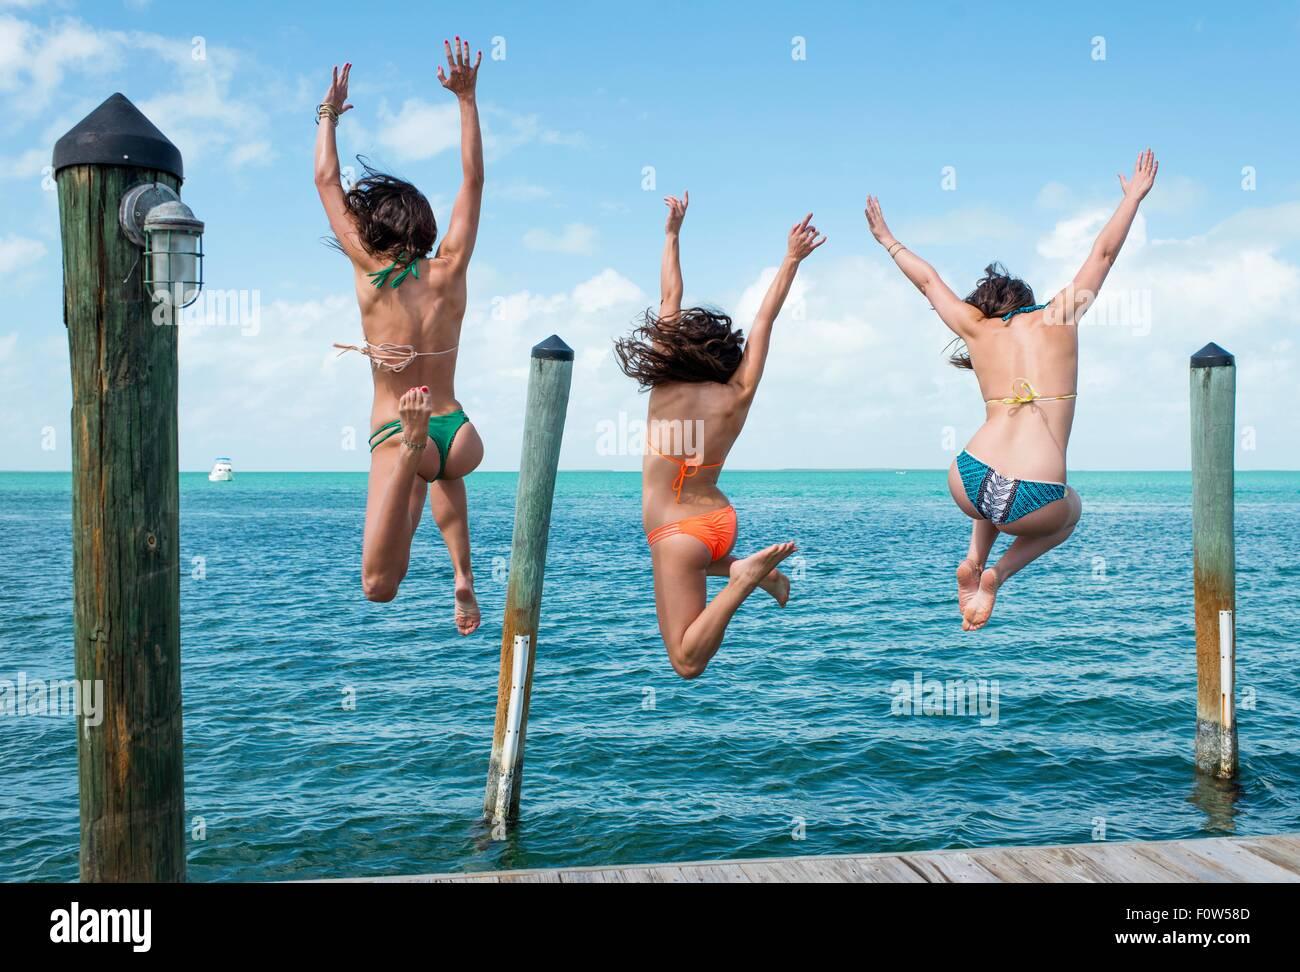 Vista trasera de tres joven saltando desde mar pier, Islamorada, Florida, EE.UU. Imagen De Stock